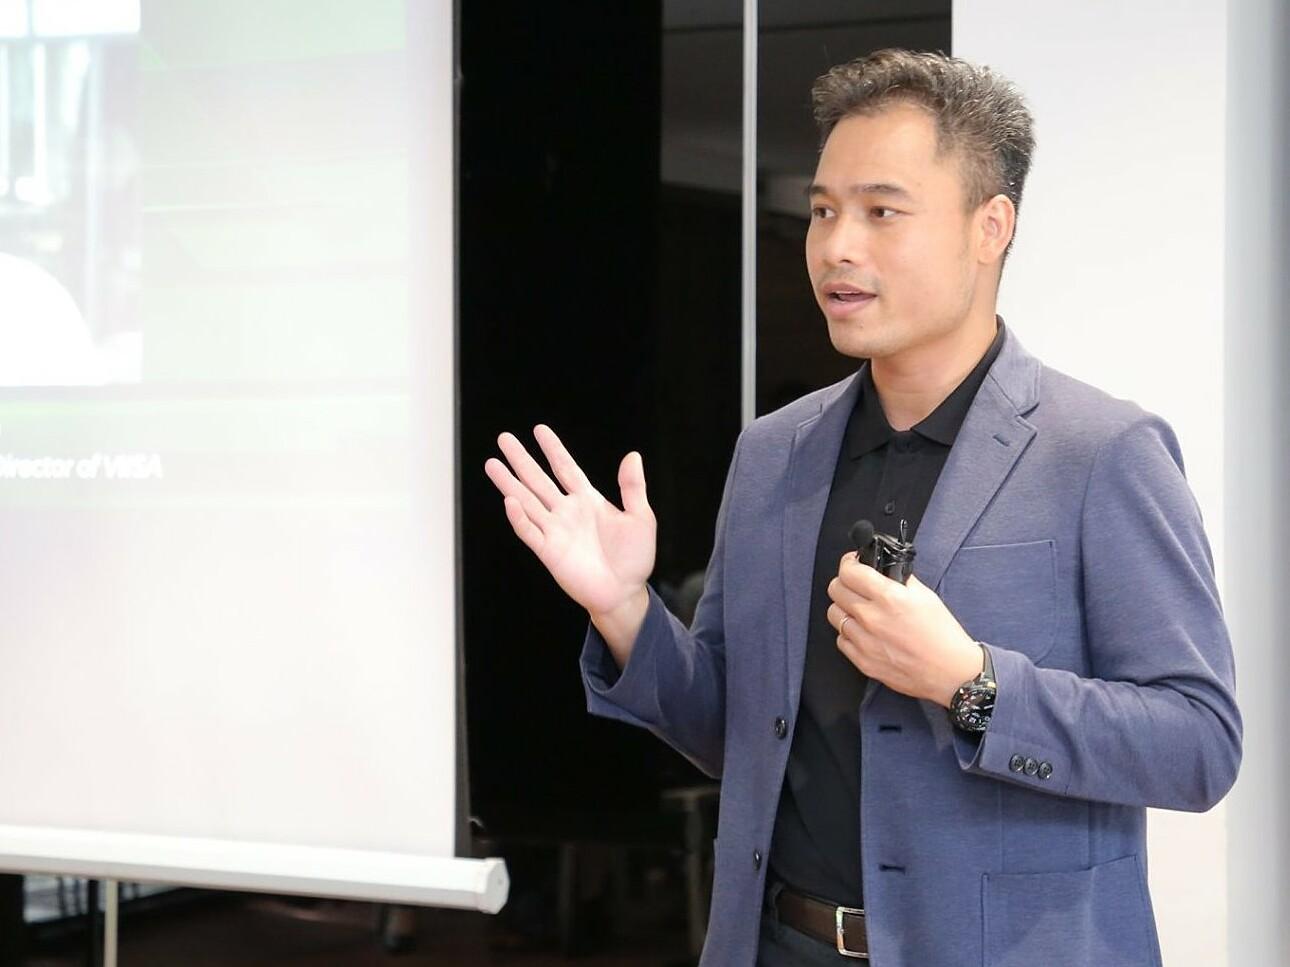 Ông Võ Trần Đình Hiếu - Thành viên HĐQT và Giám đốc chương trình tăng tốc tại VIISA. Ảnh: VIISA.